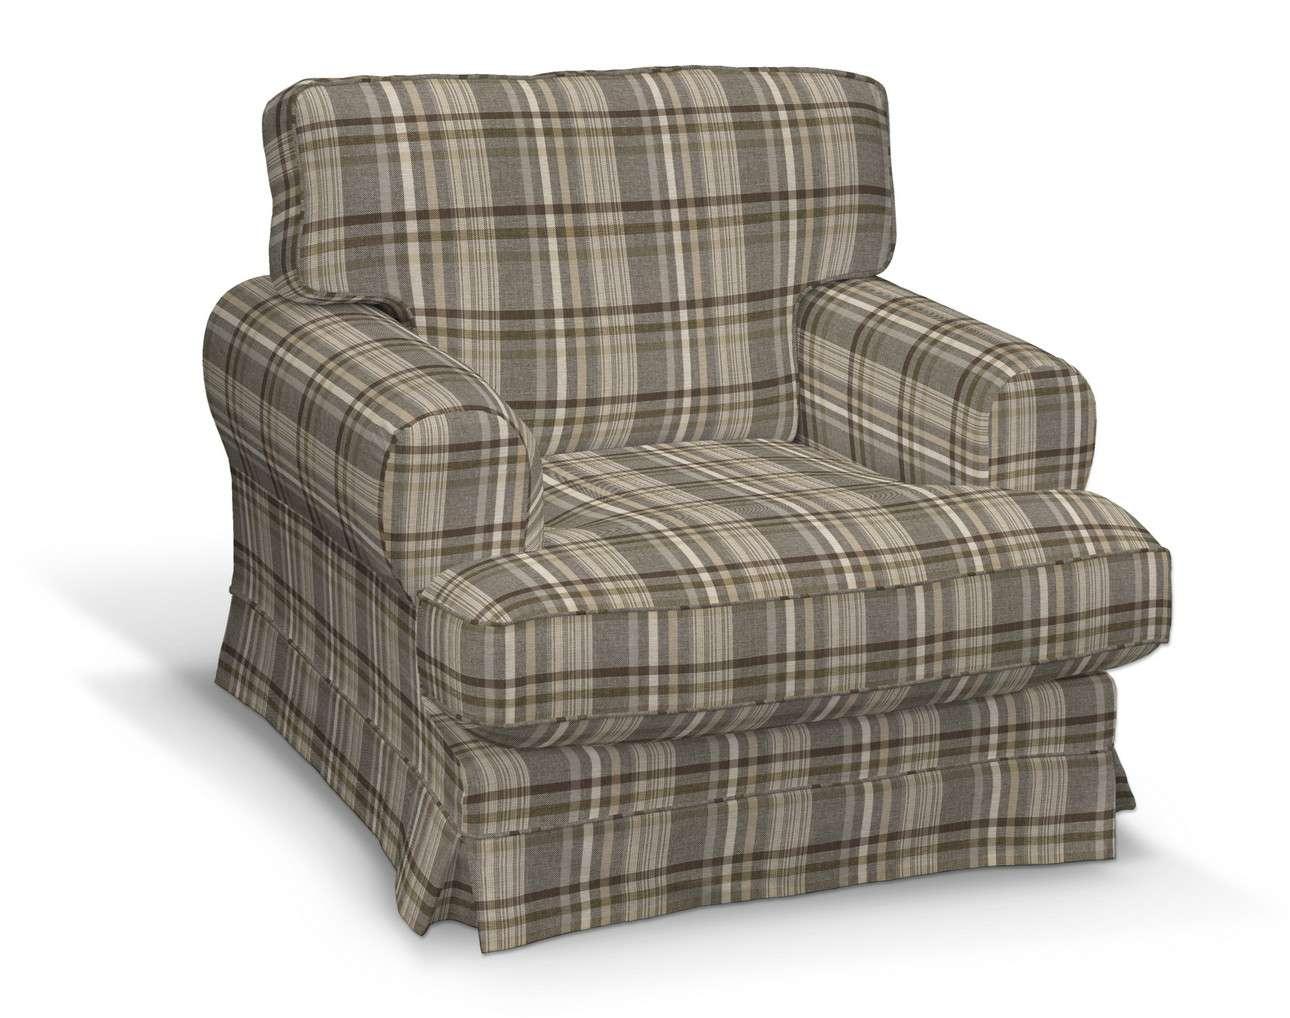 Pokrowiec na fotel Ekeskog w kolekcji Edinburgh, tkanina: 703-17